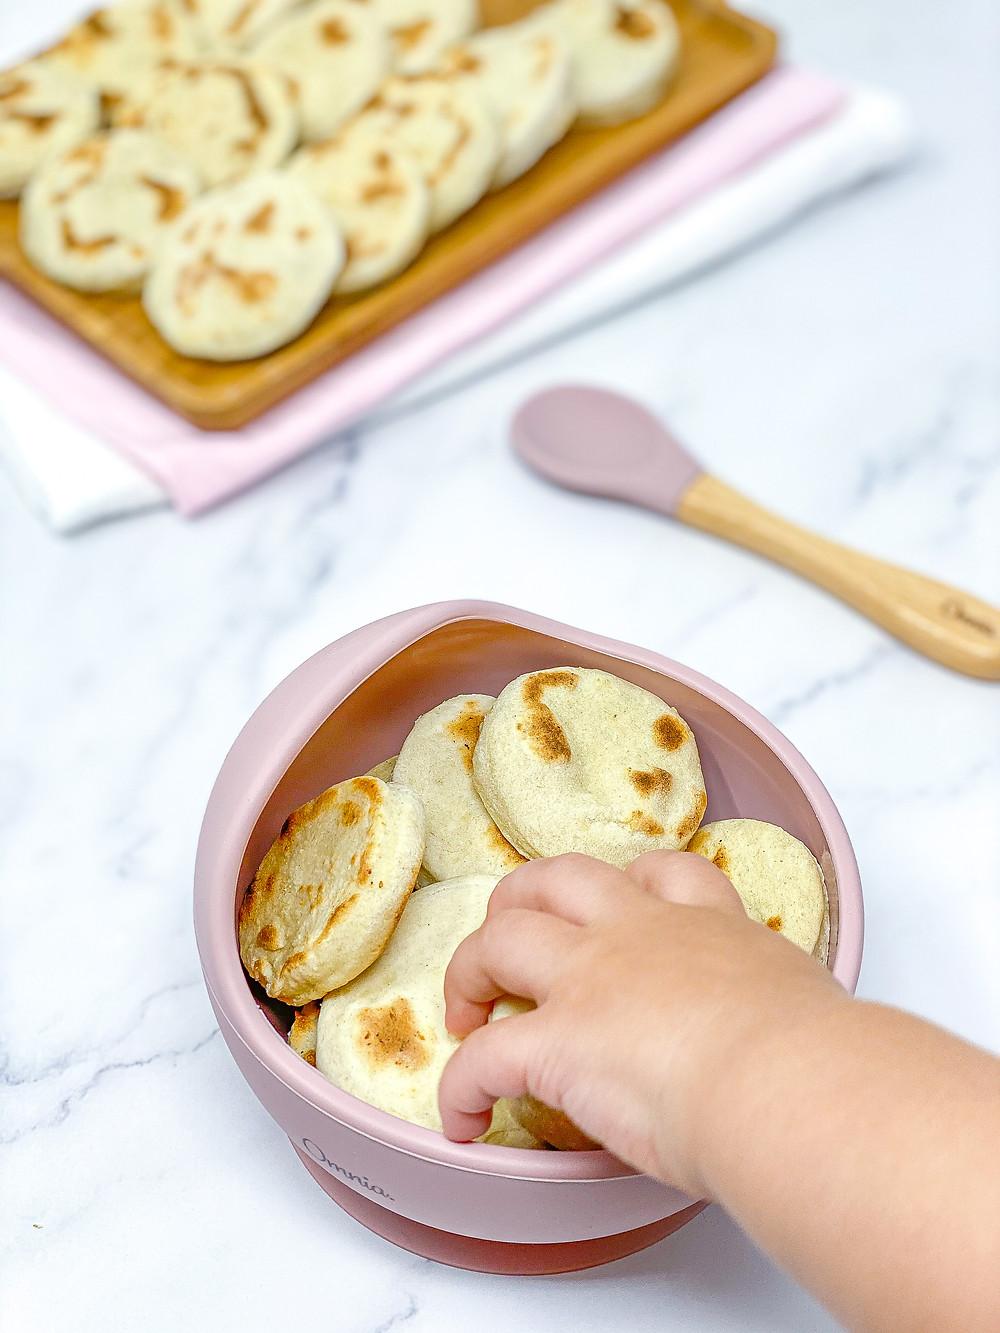 3 INGREDIENTS CAULIFLOWER FLATBREAD for kids blw with little hand